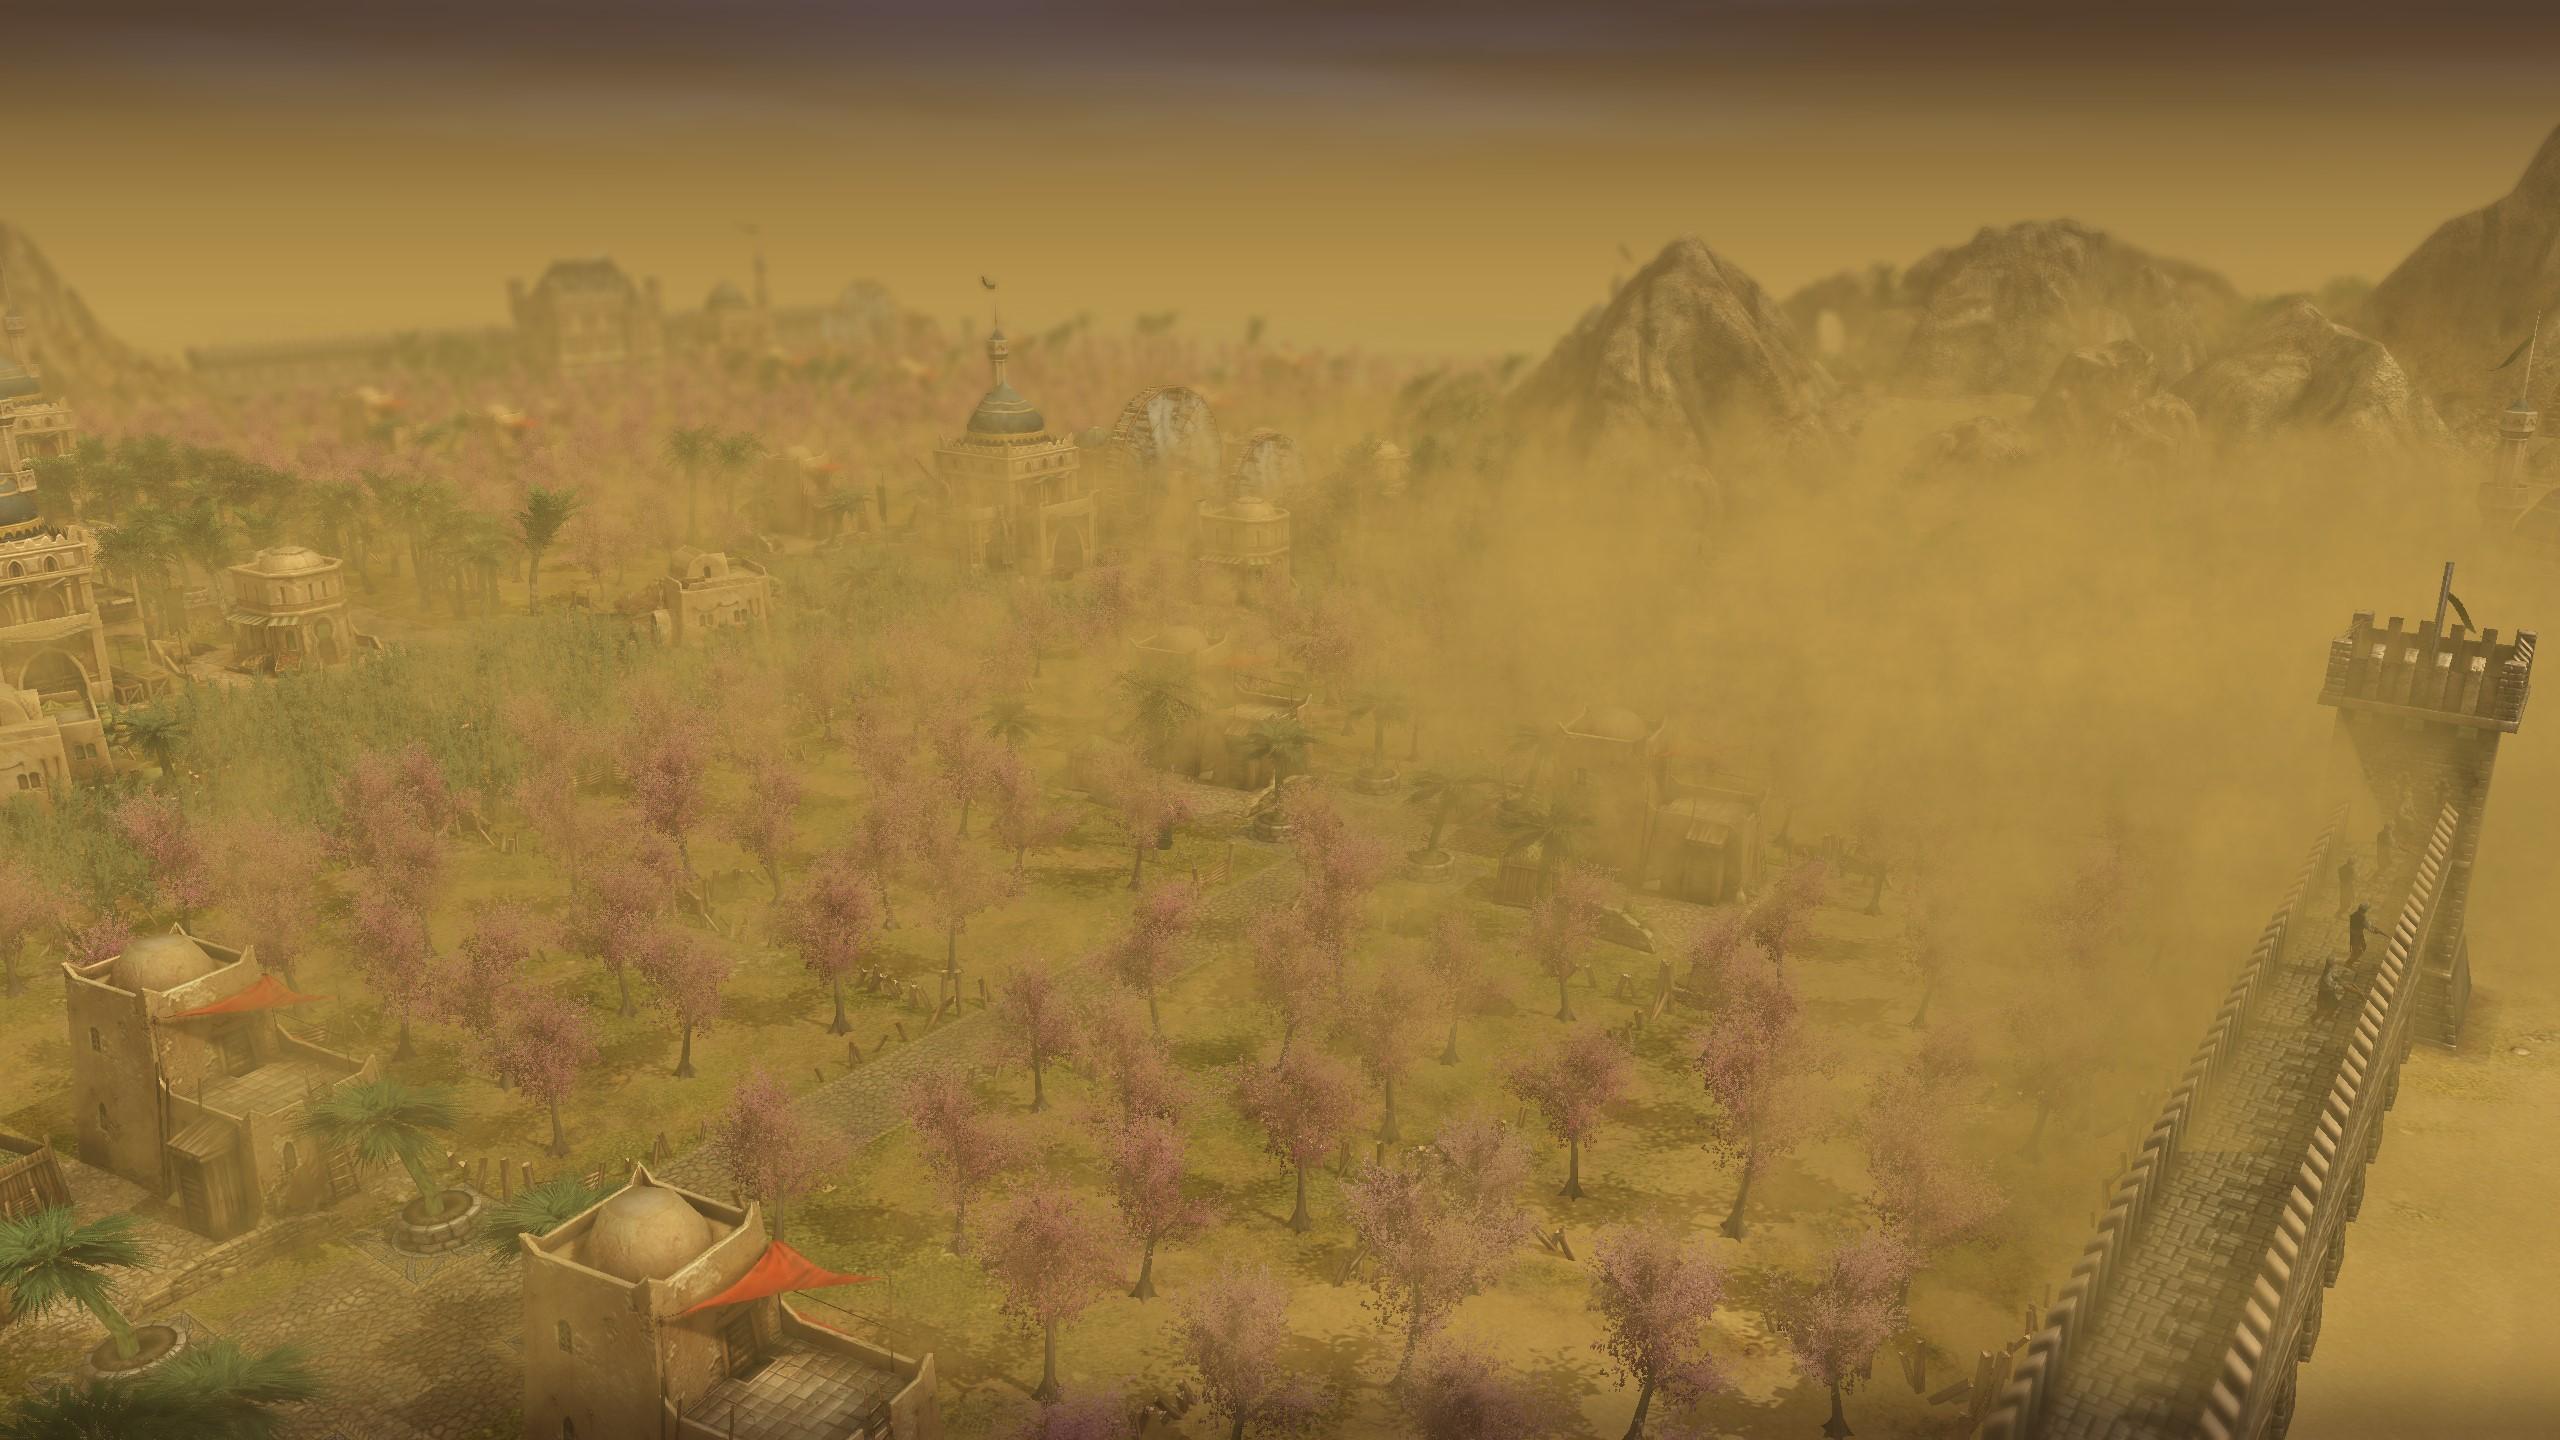 Anno 1404 Sandsturm - Ergebnis der experimentellen Grafikeinstellungen